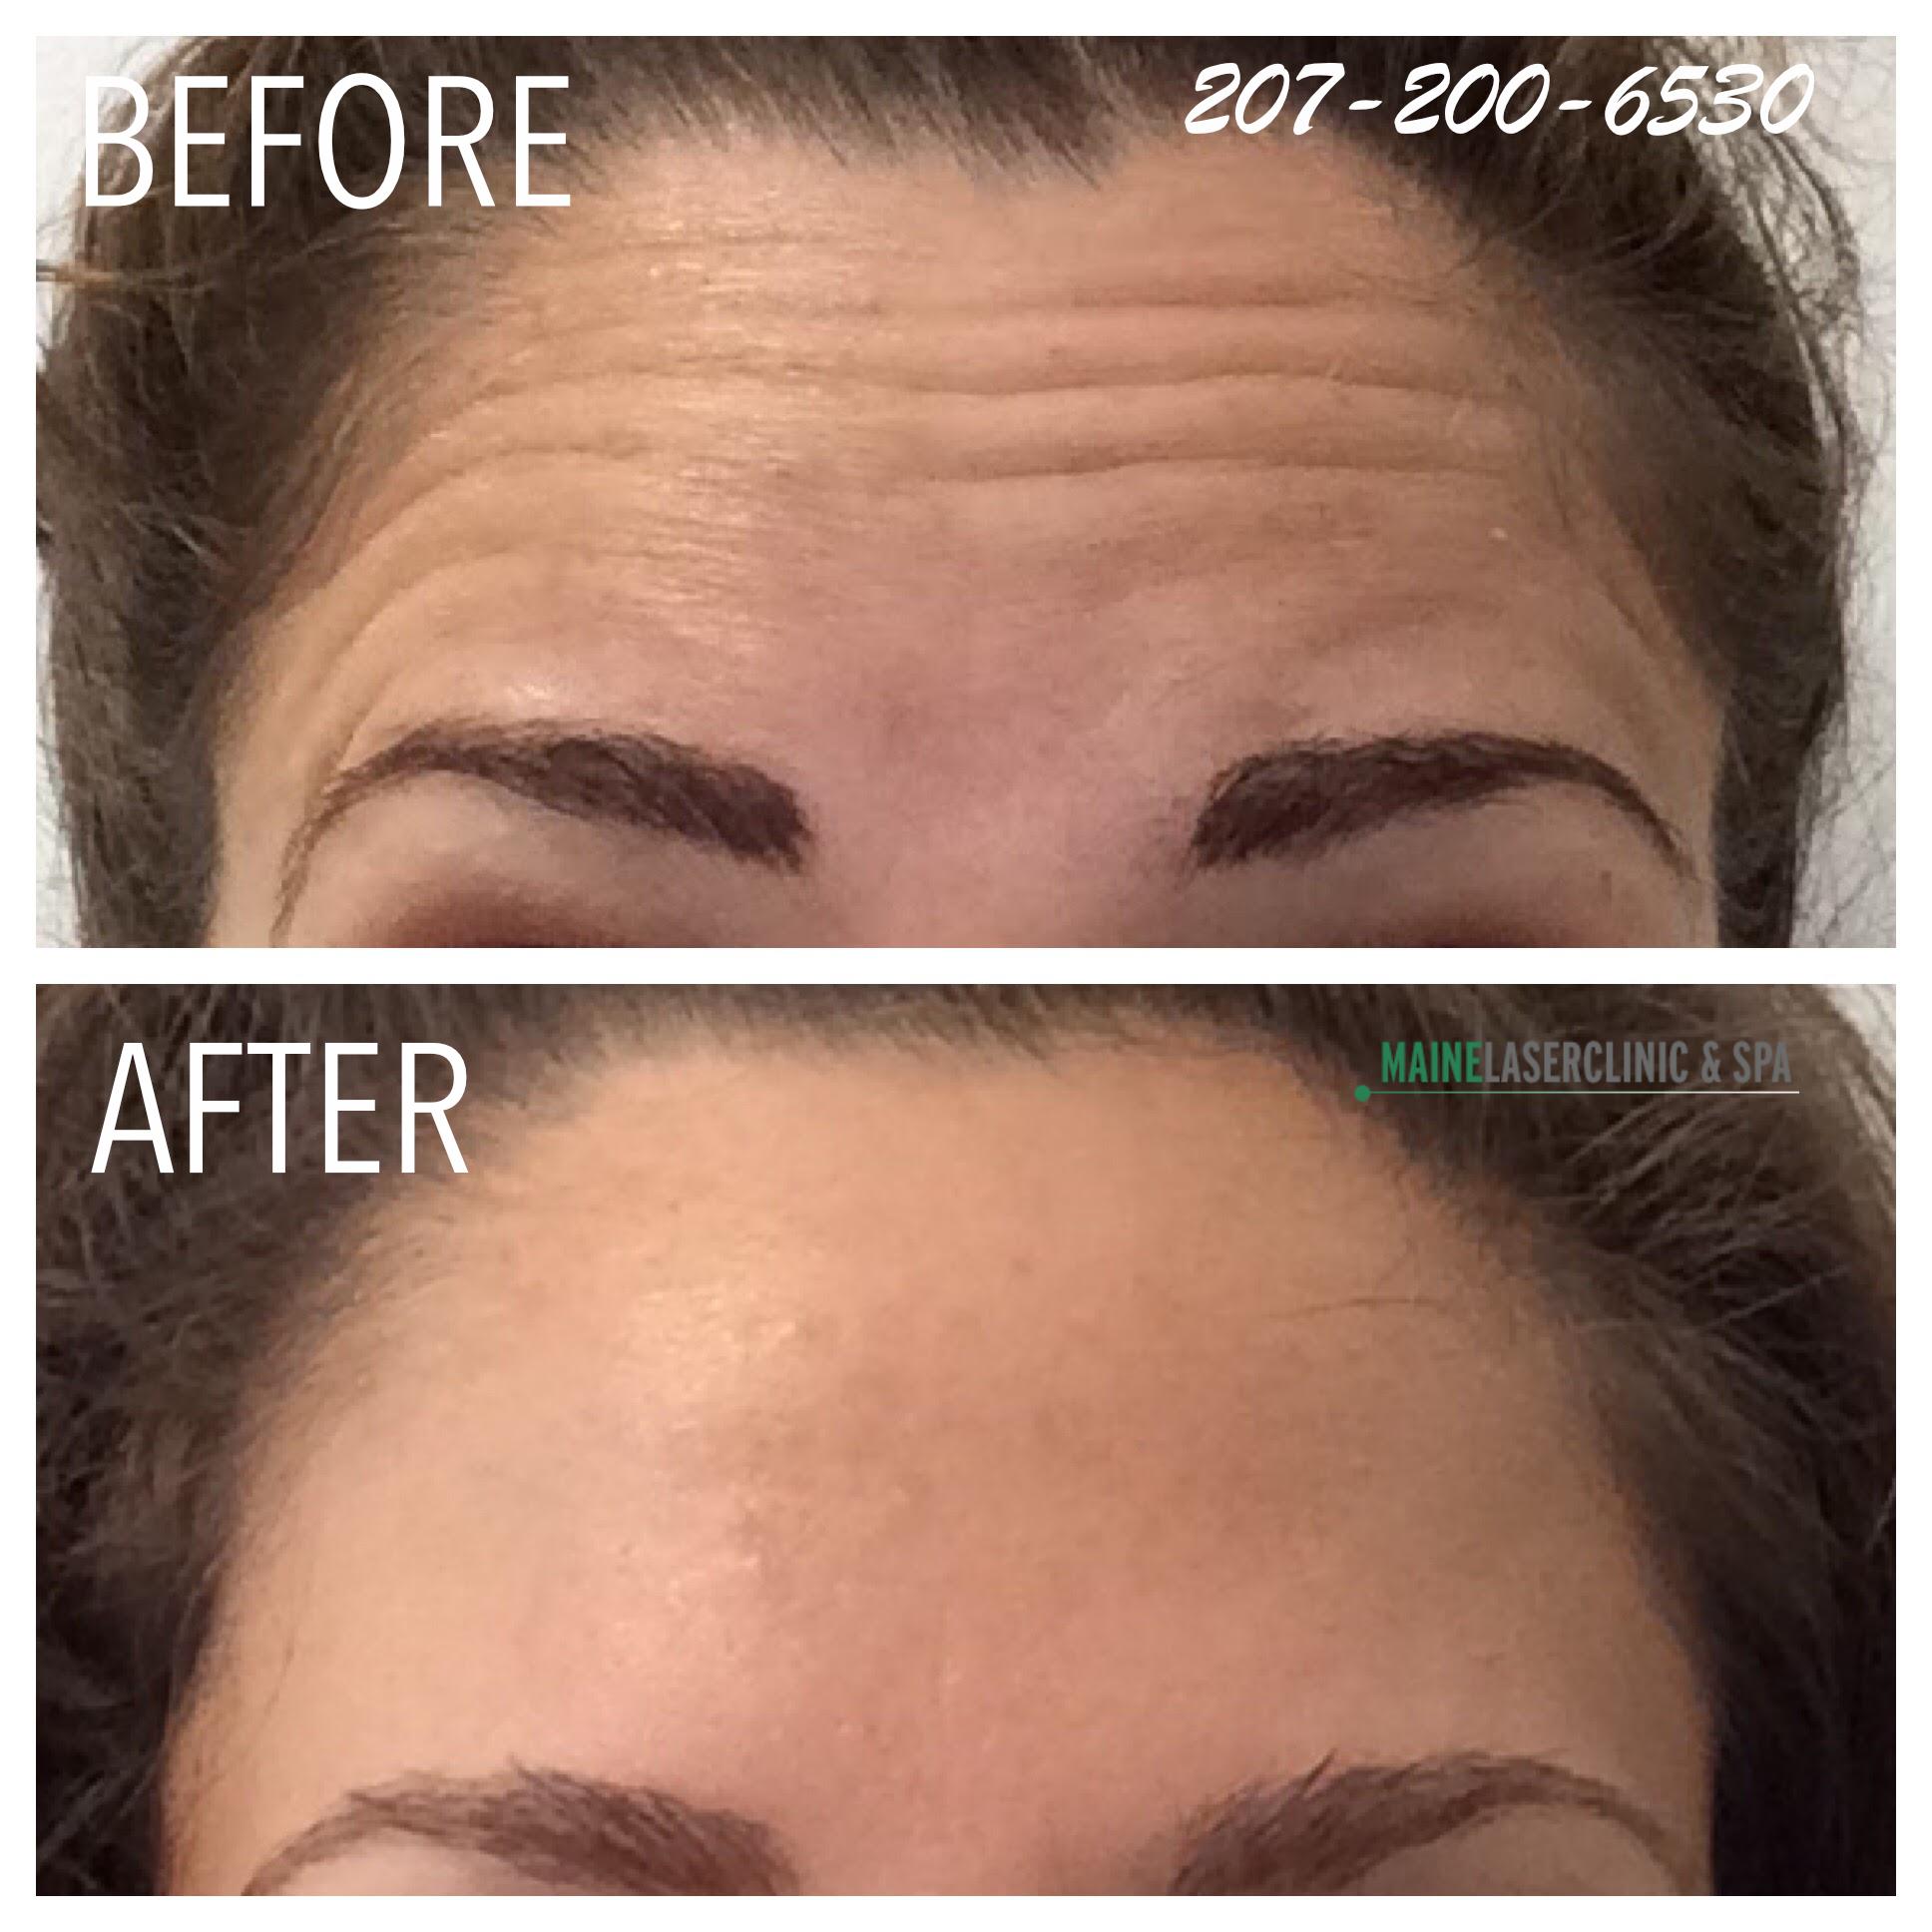 Botox®